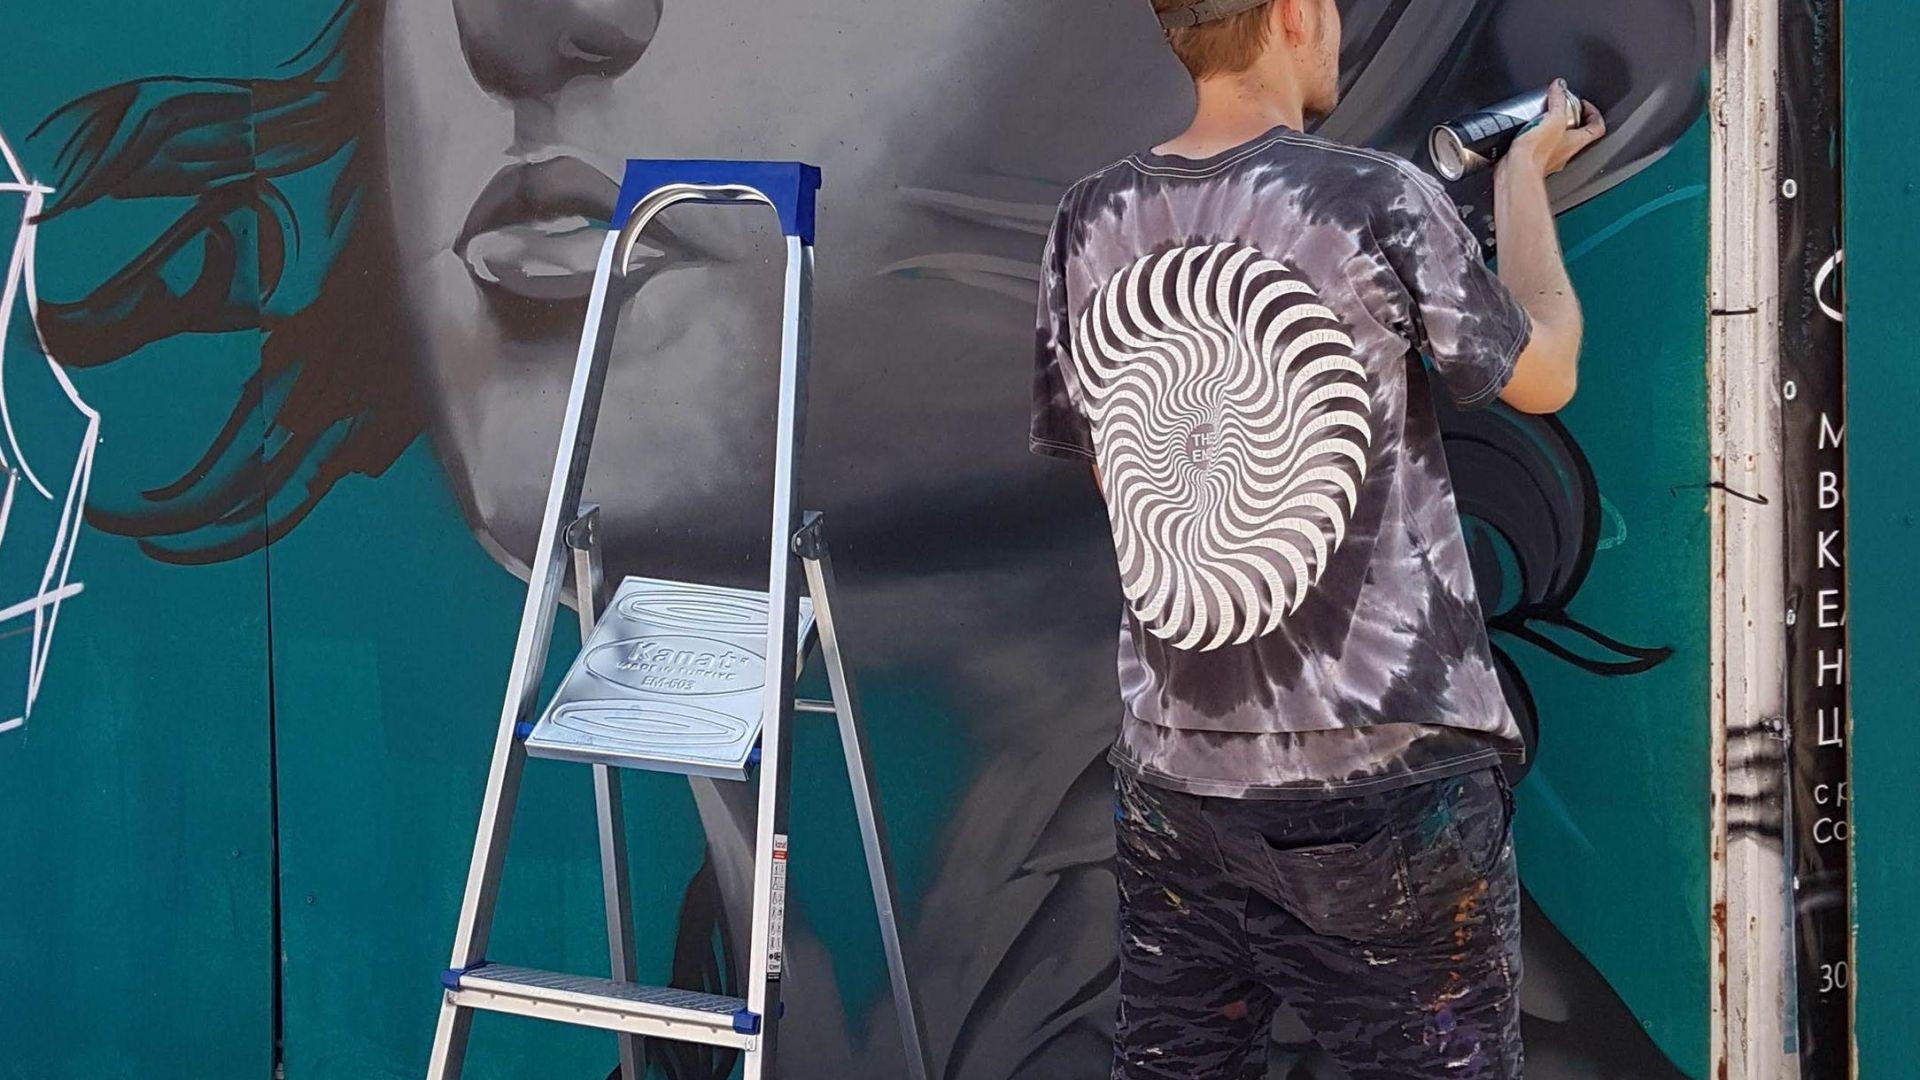 Улични художници разкрасяват Варна (снимки)